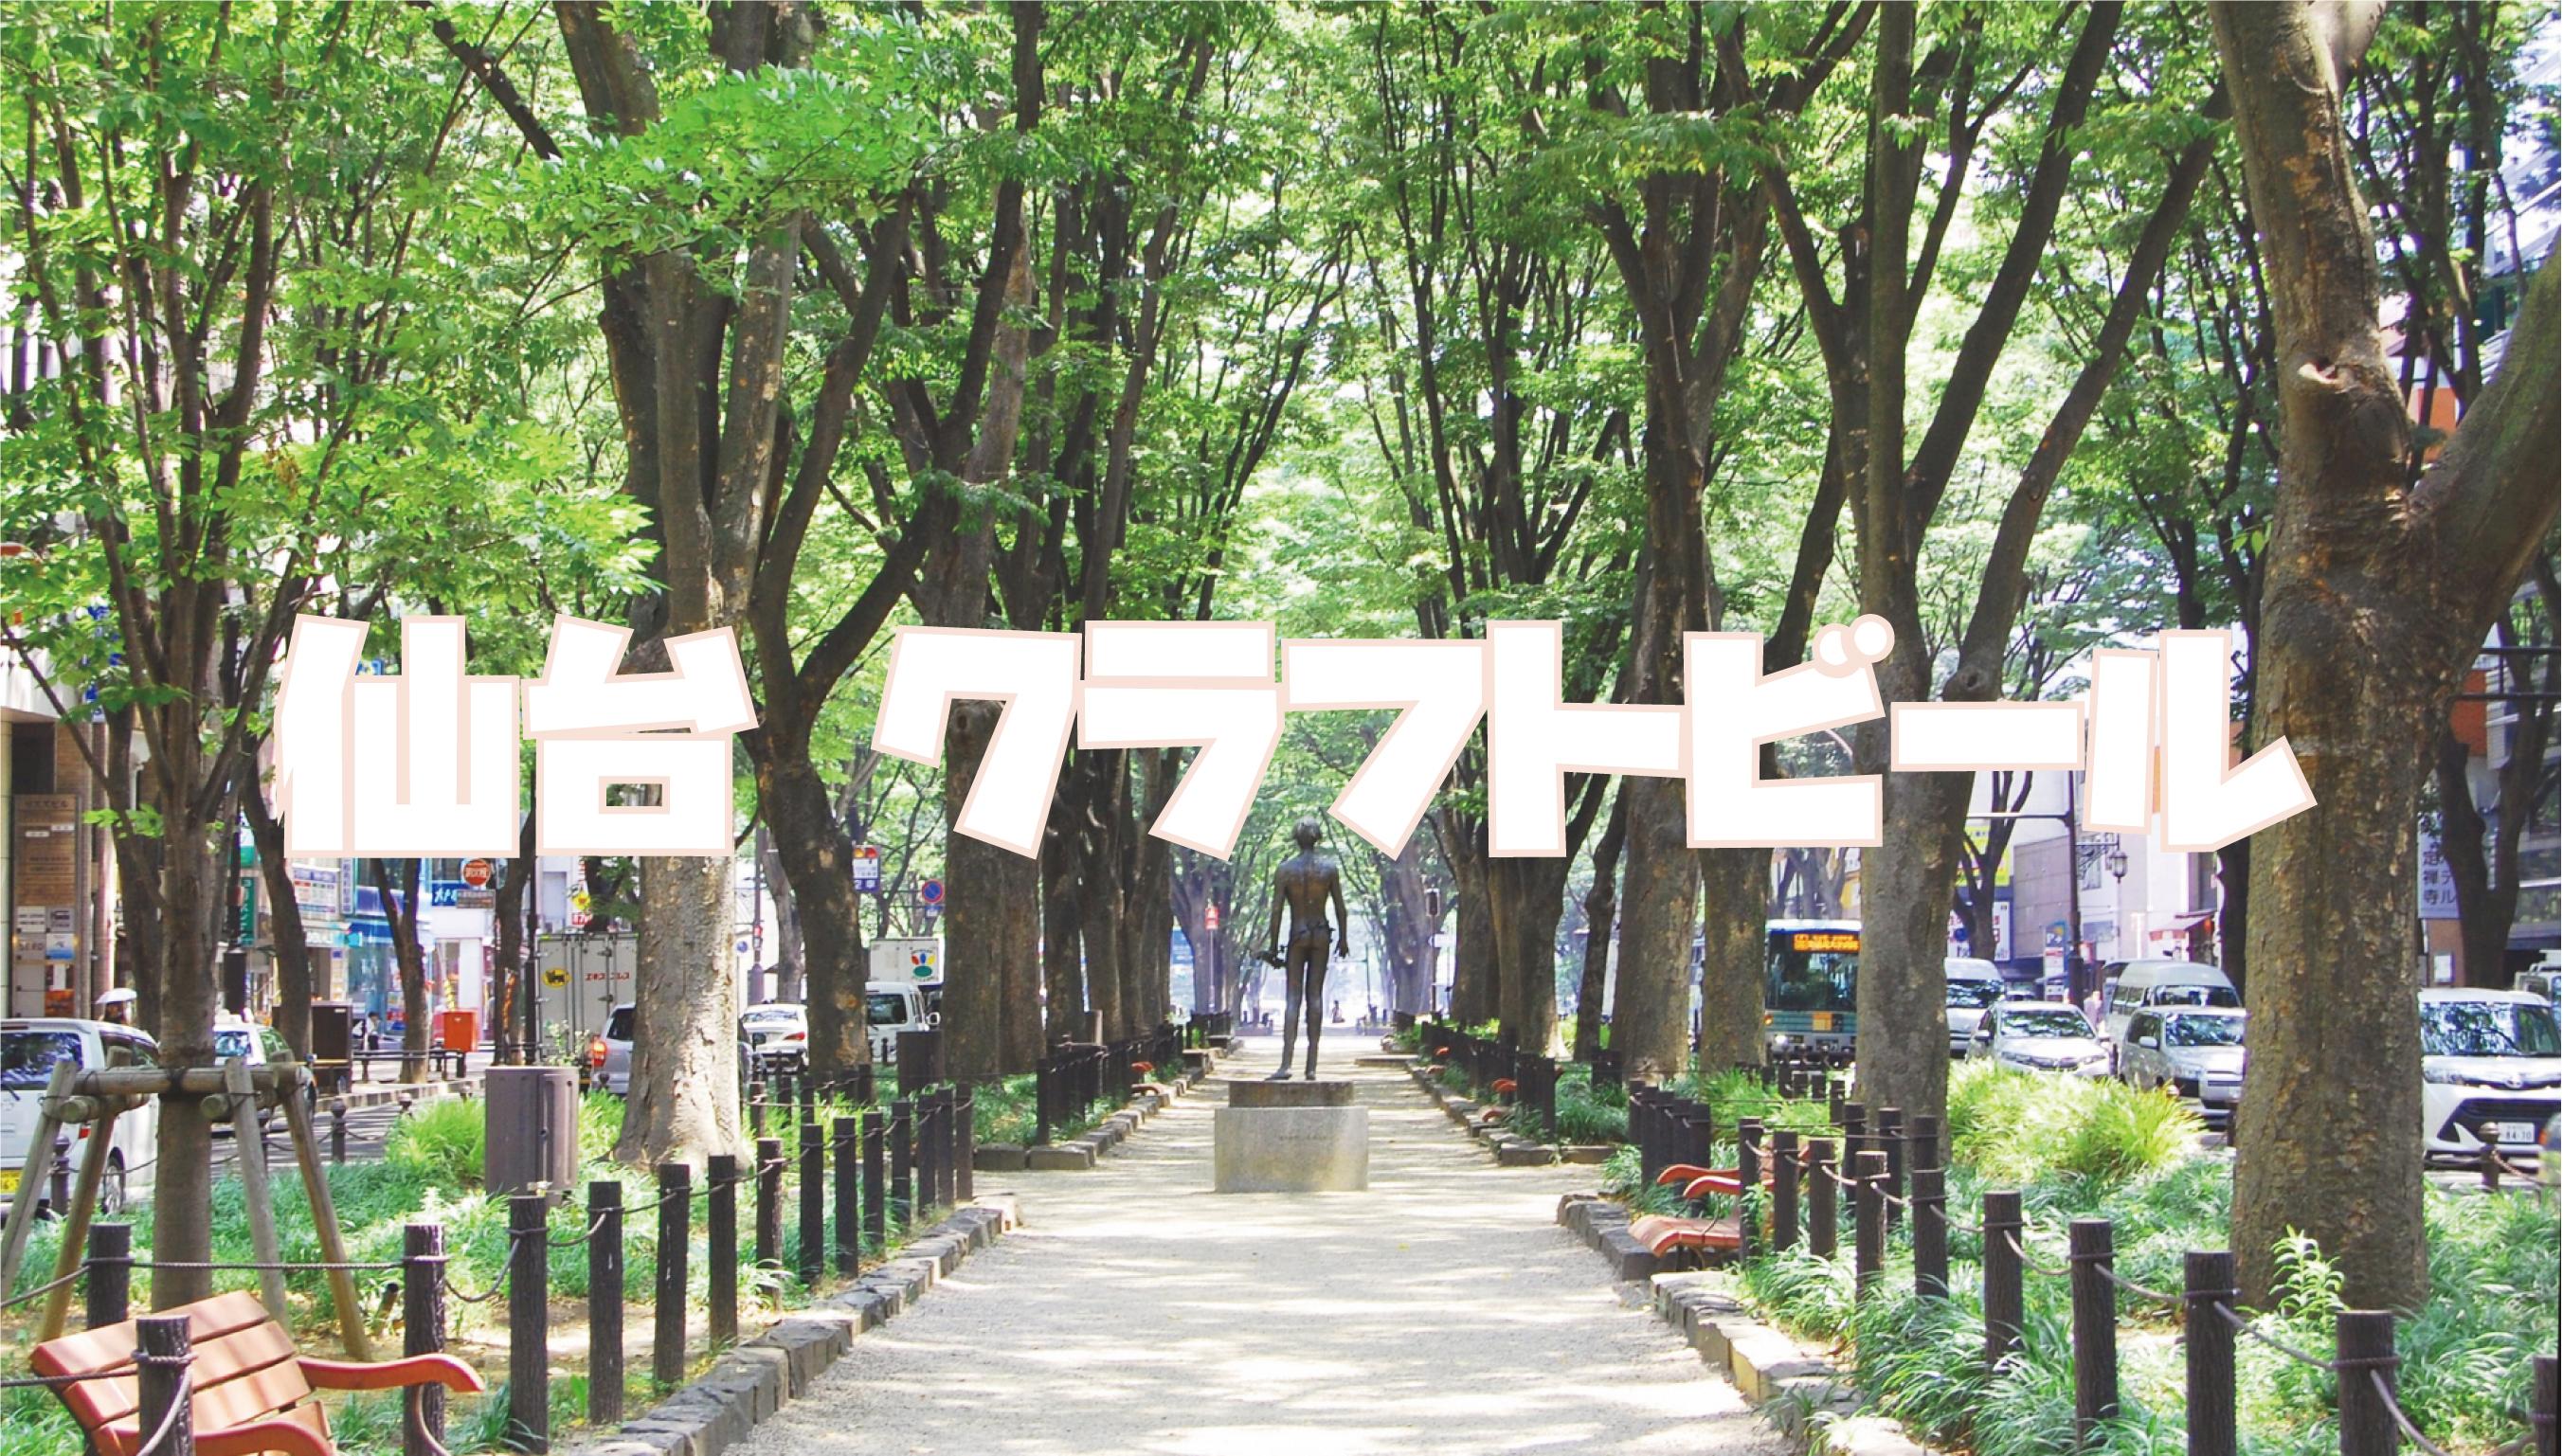 宮城 仙台 クラフトビール 地ビール ビール ビア 居酒屋 仙台駅